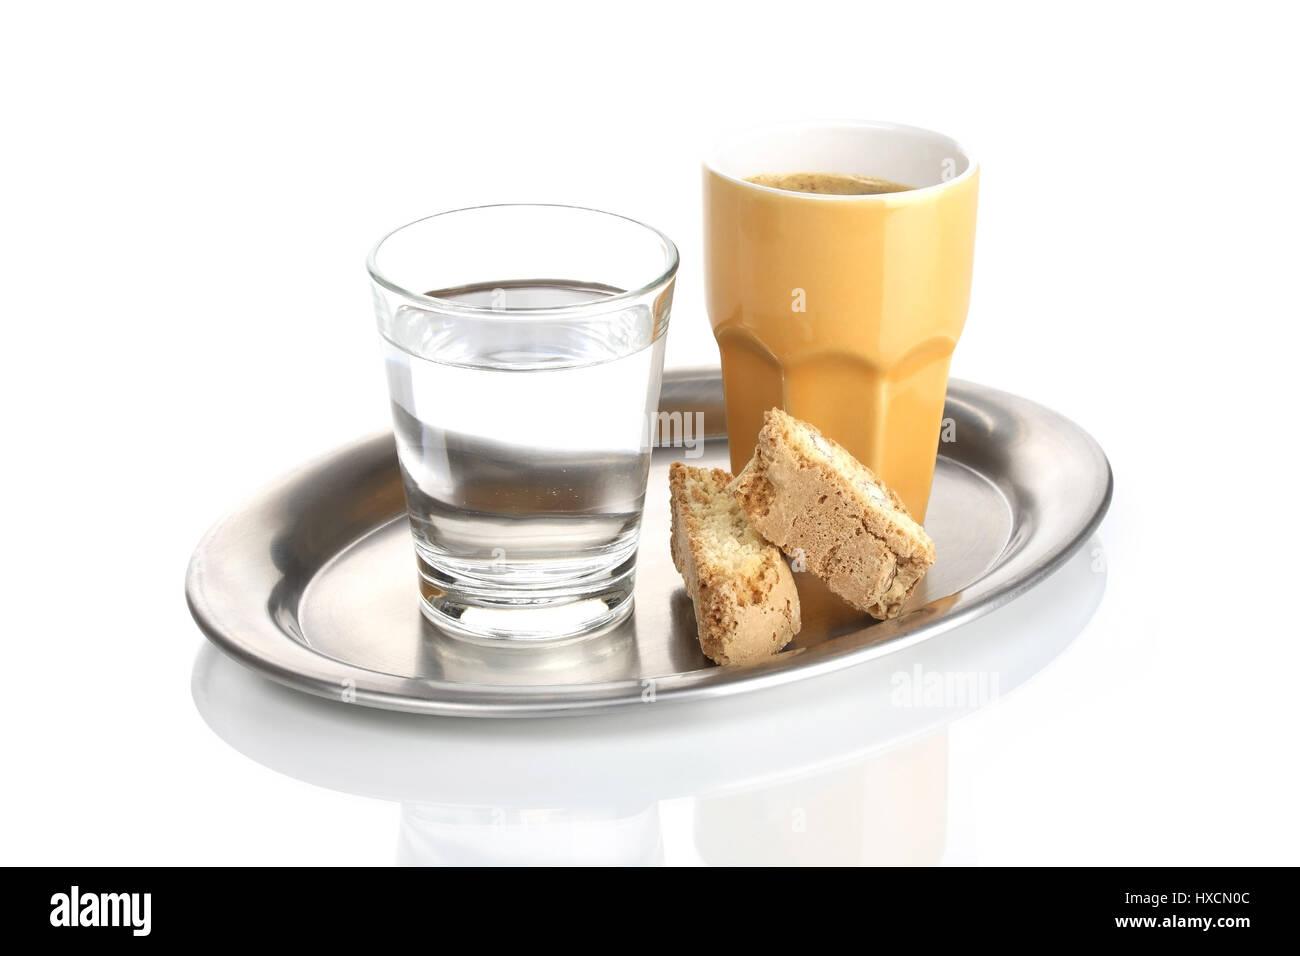 Espresso With Water Glass On A Tray Espresso Mit Wasserglas Auf Einem  Tablett.